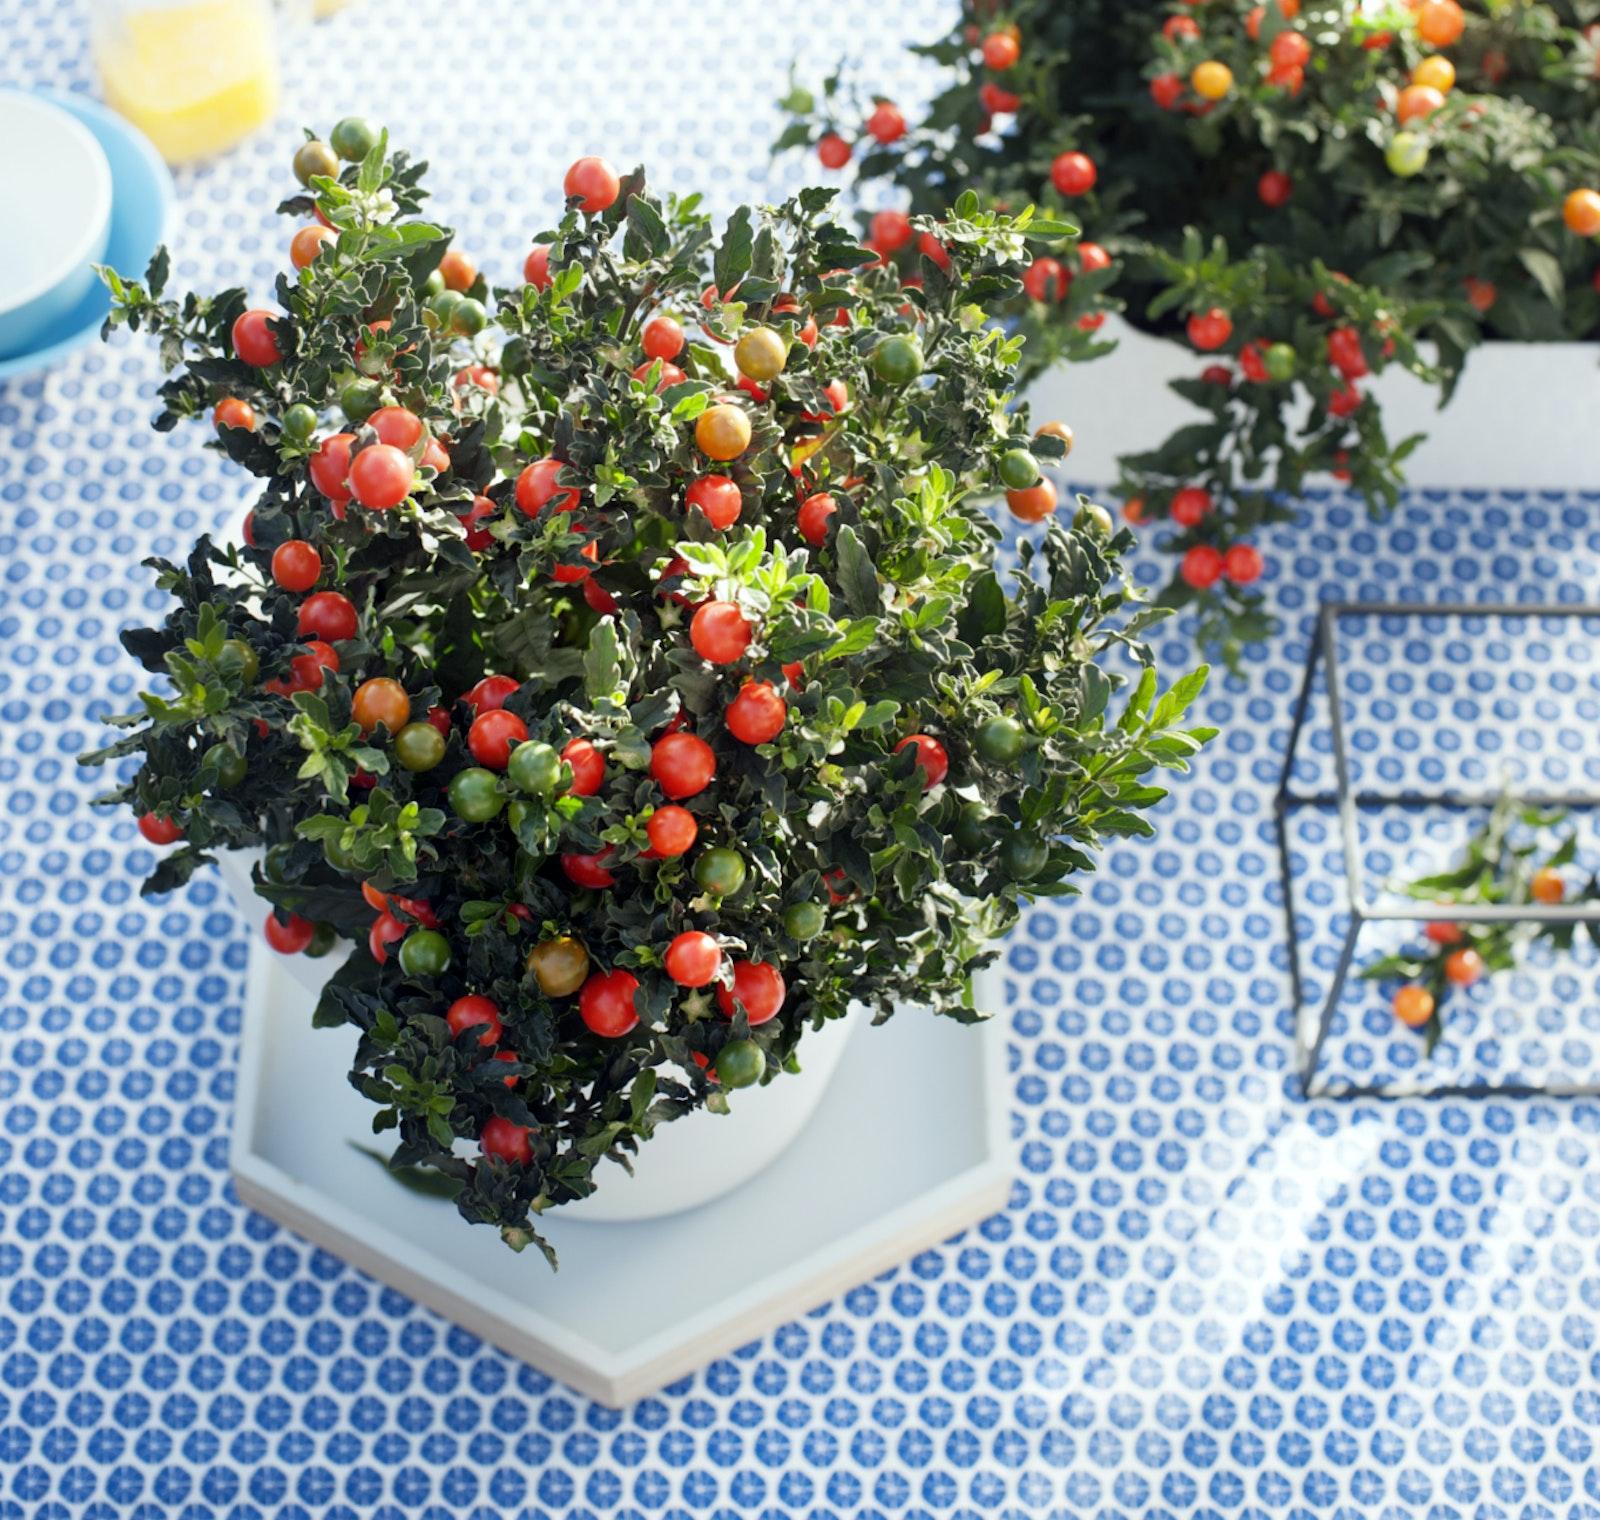 mooiwatplantendoen.nl Bbh solanum pseudo capsicum reconsider space 001 hr 0